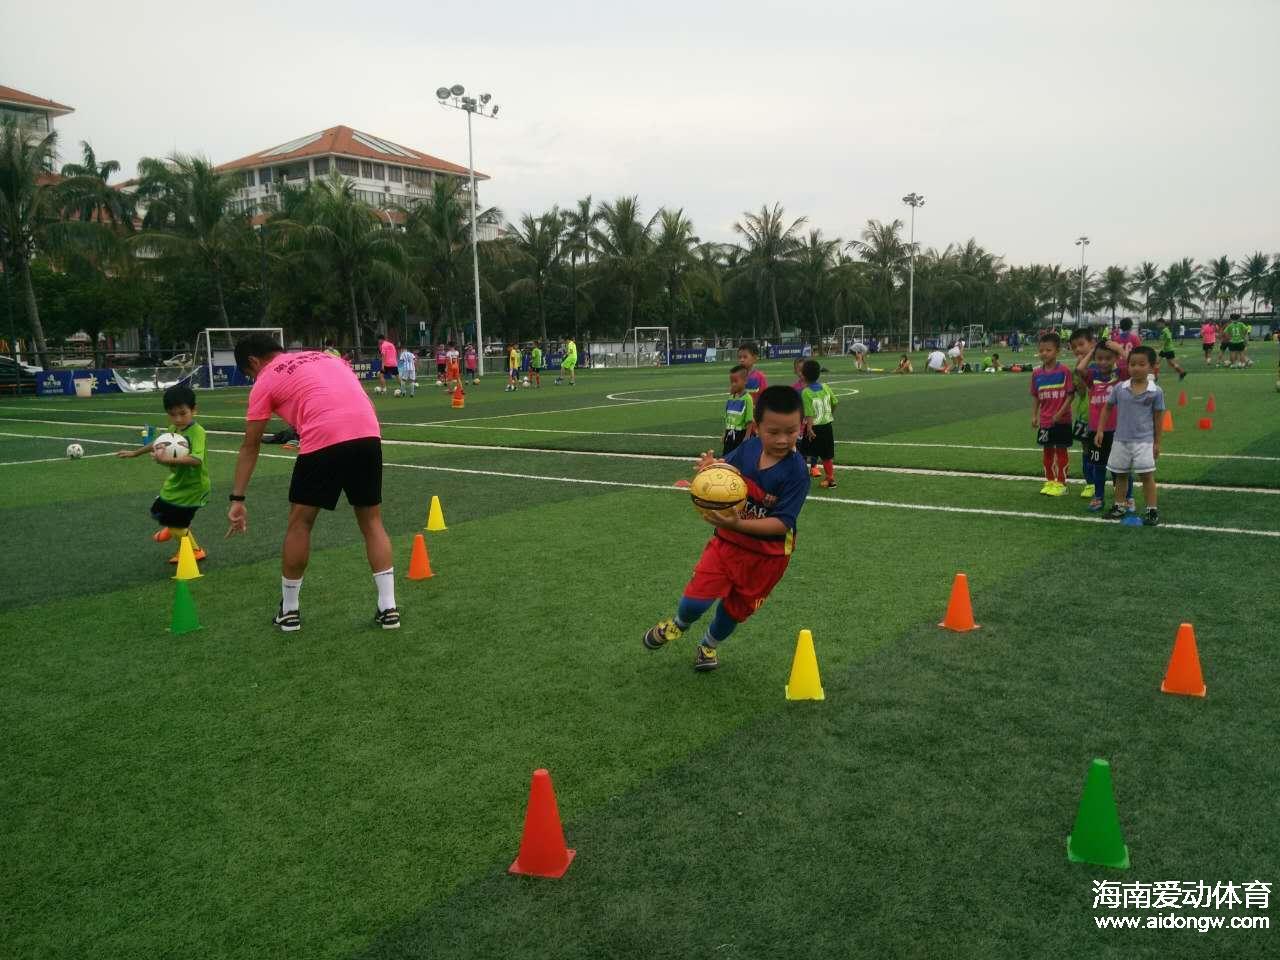 海南虎跃足球培训夏令营第二期培训火热进行中